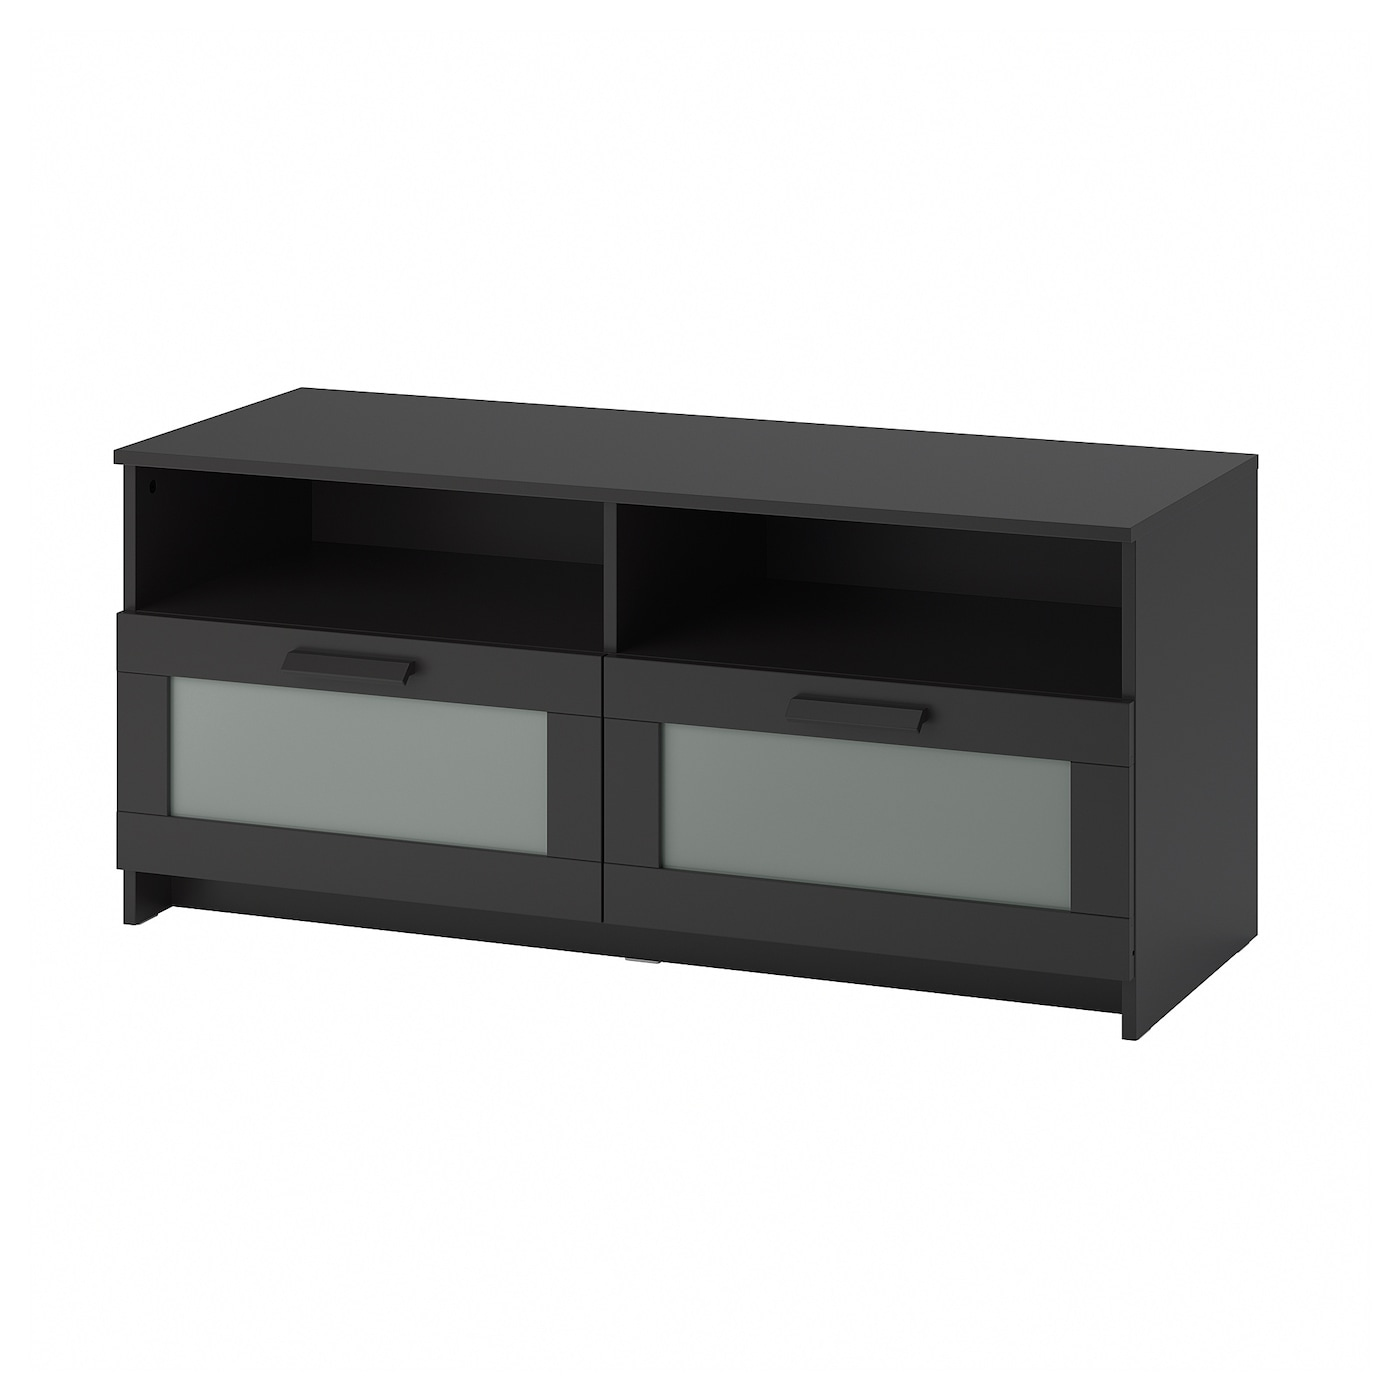 Brimnes mueble tv negro 120 x 41 x 53 cm ikea for Meuble brimnes ikea